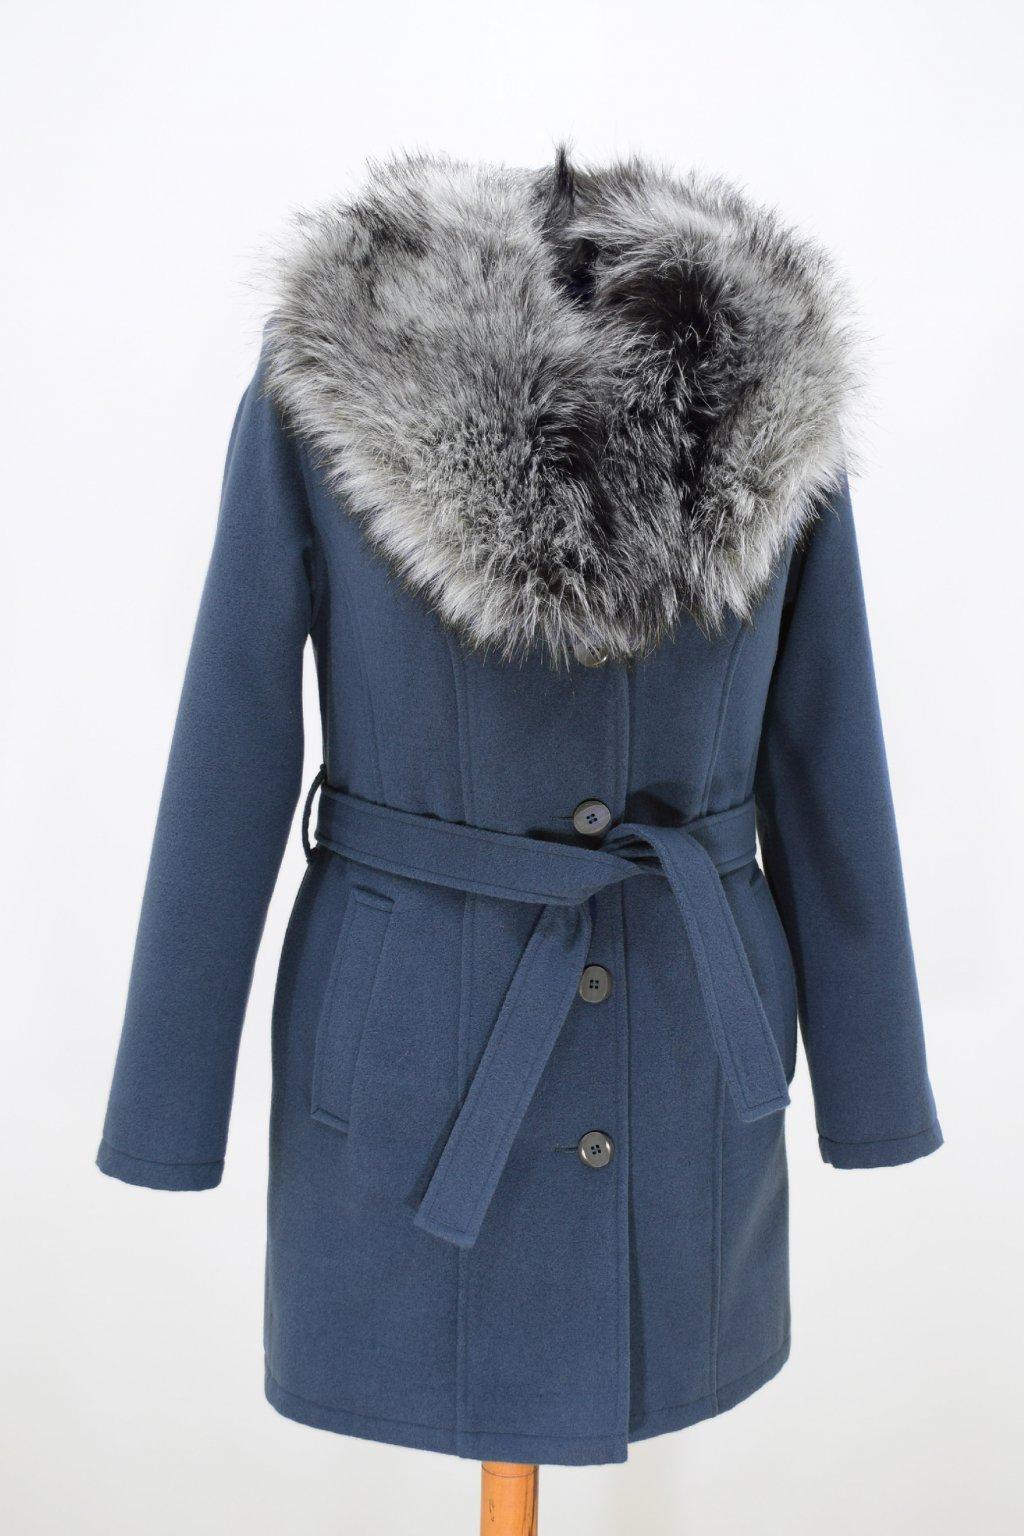 Dámský modrý zimní kabát s kožešinou Julie.